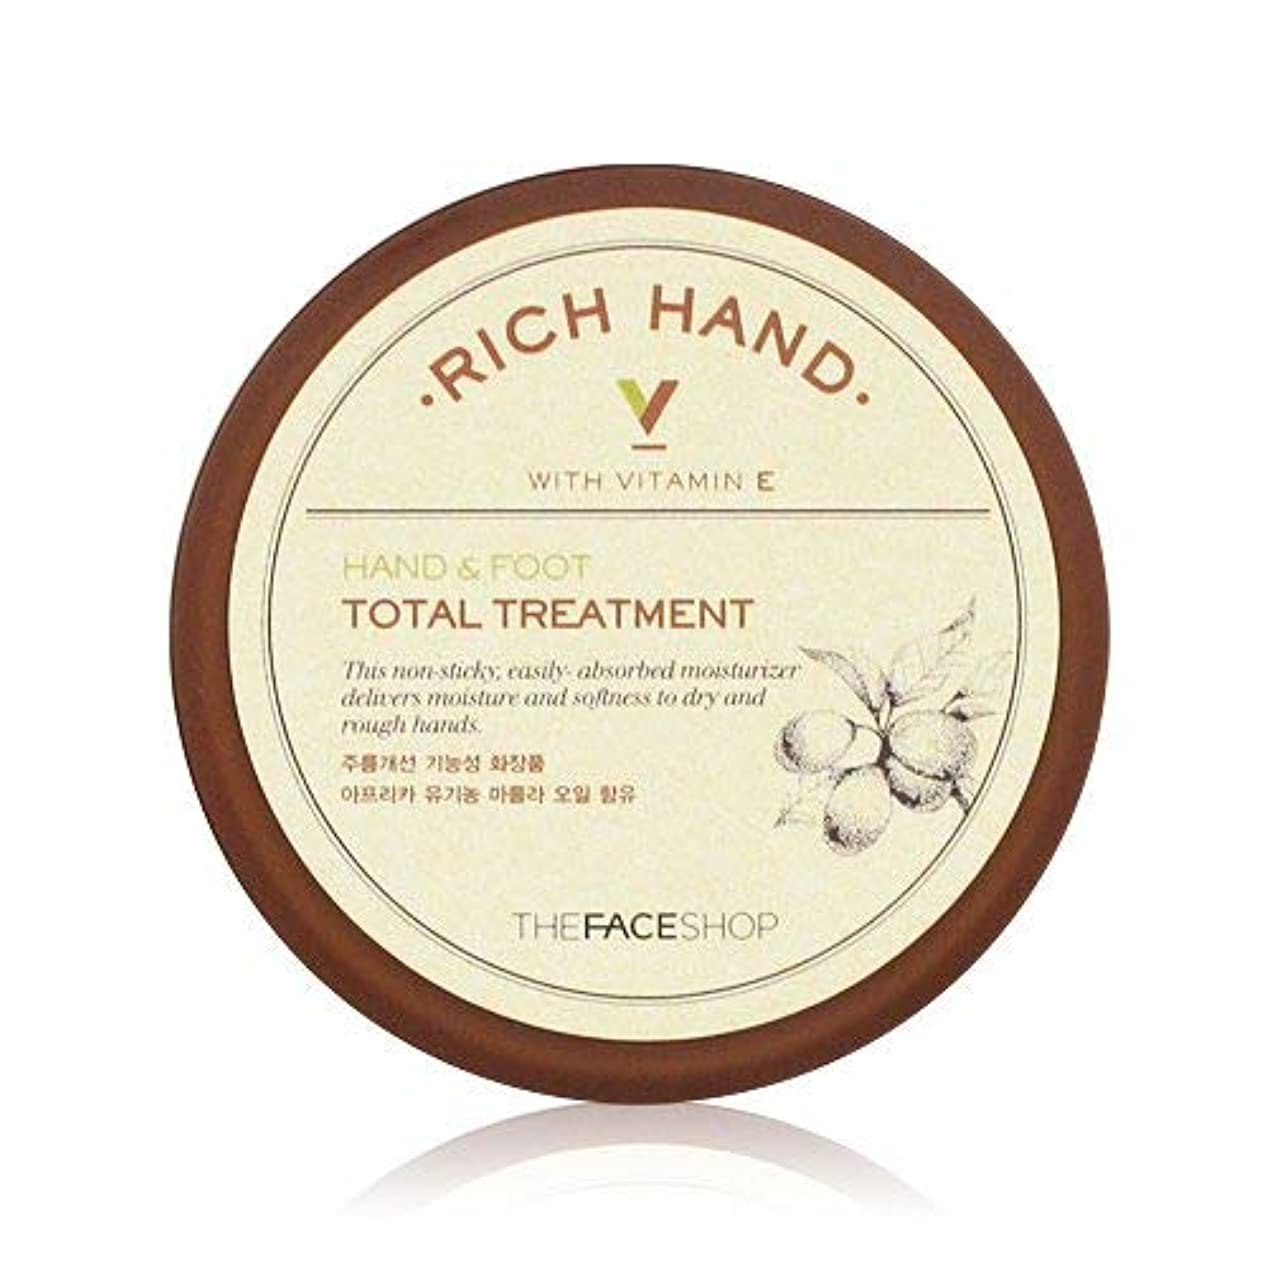 スクラブ物思いにふける異形THE FACE SHOP Rich Hand V Hand and Foot Total Treatment ザフェイスショップ リッチハンド V ハンド? フット トータルトリートメント [並行輸入品]